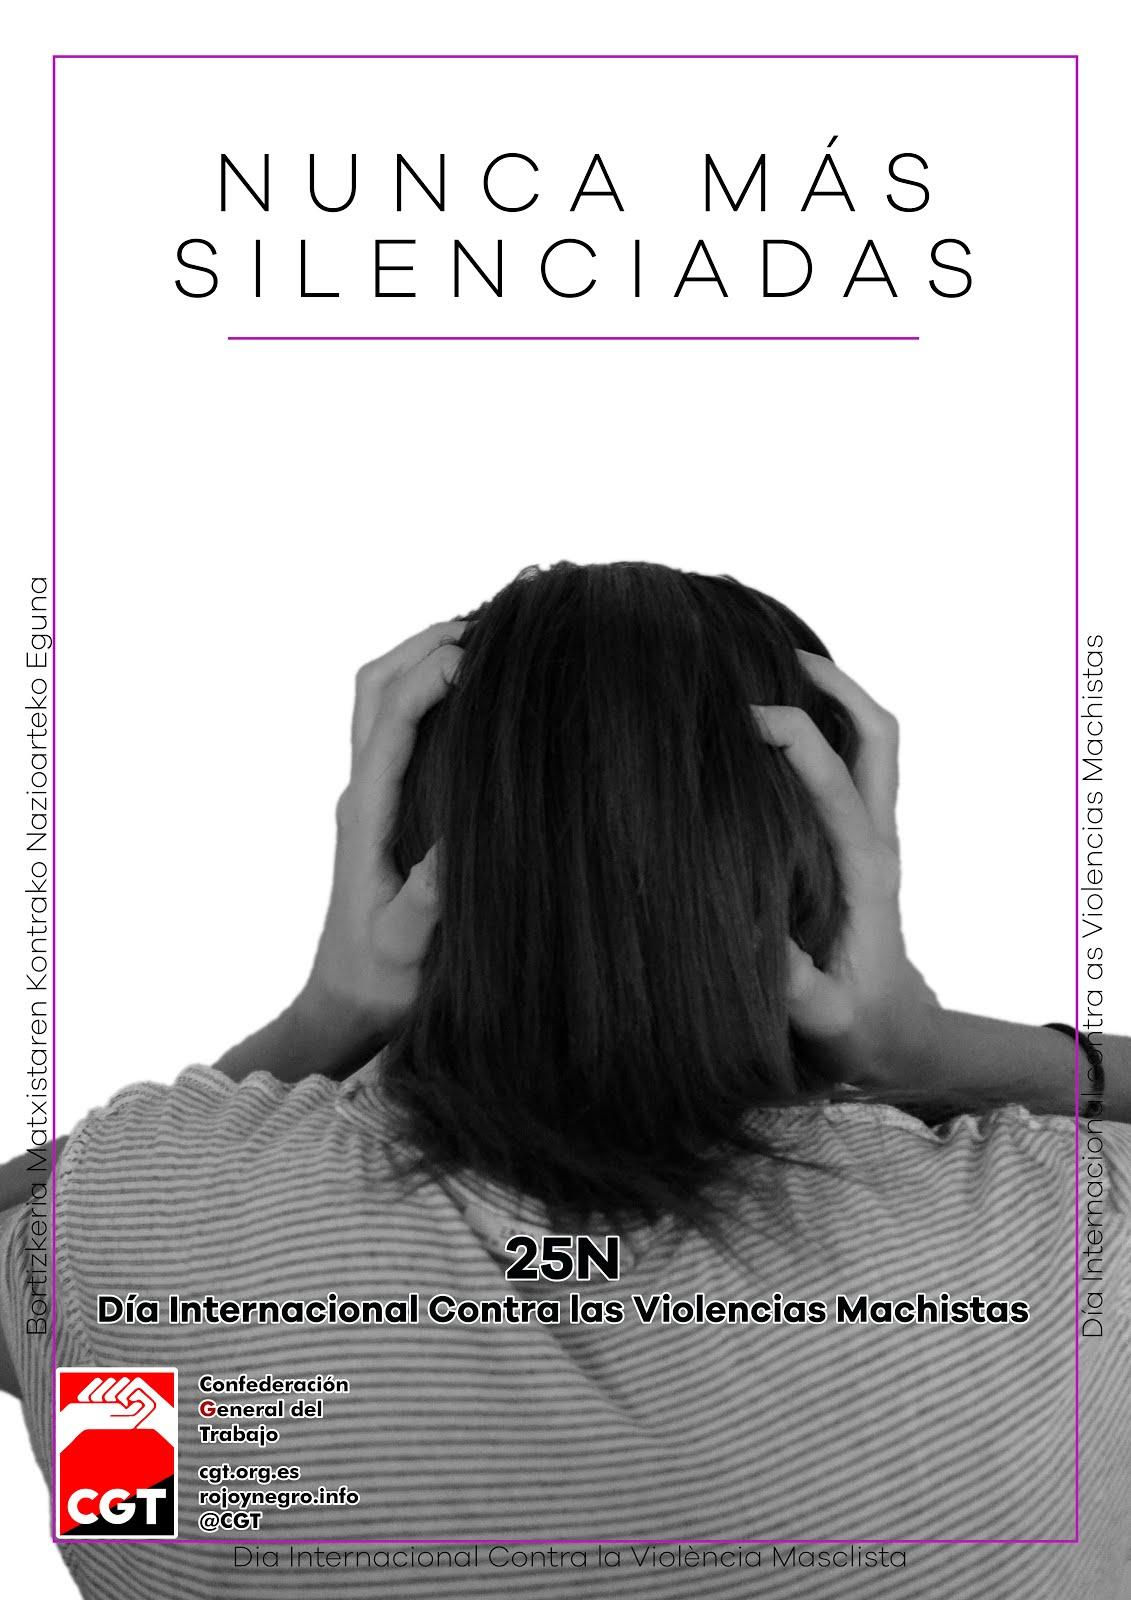 25N: NUNCA MAS SILENCIADAS